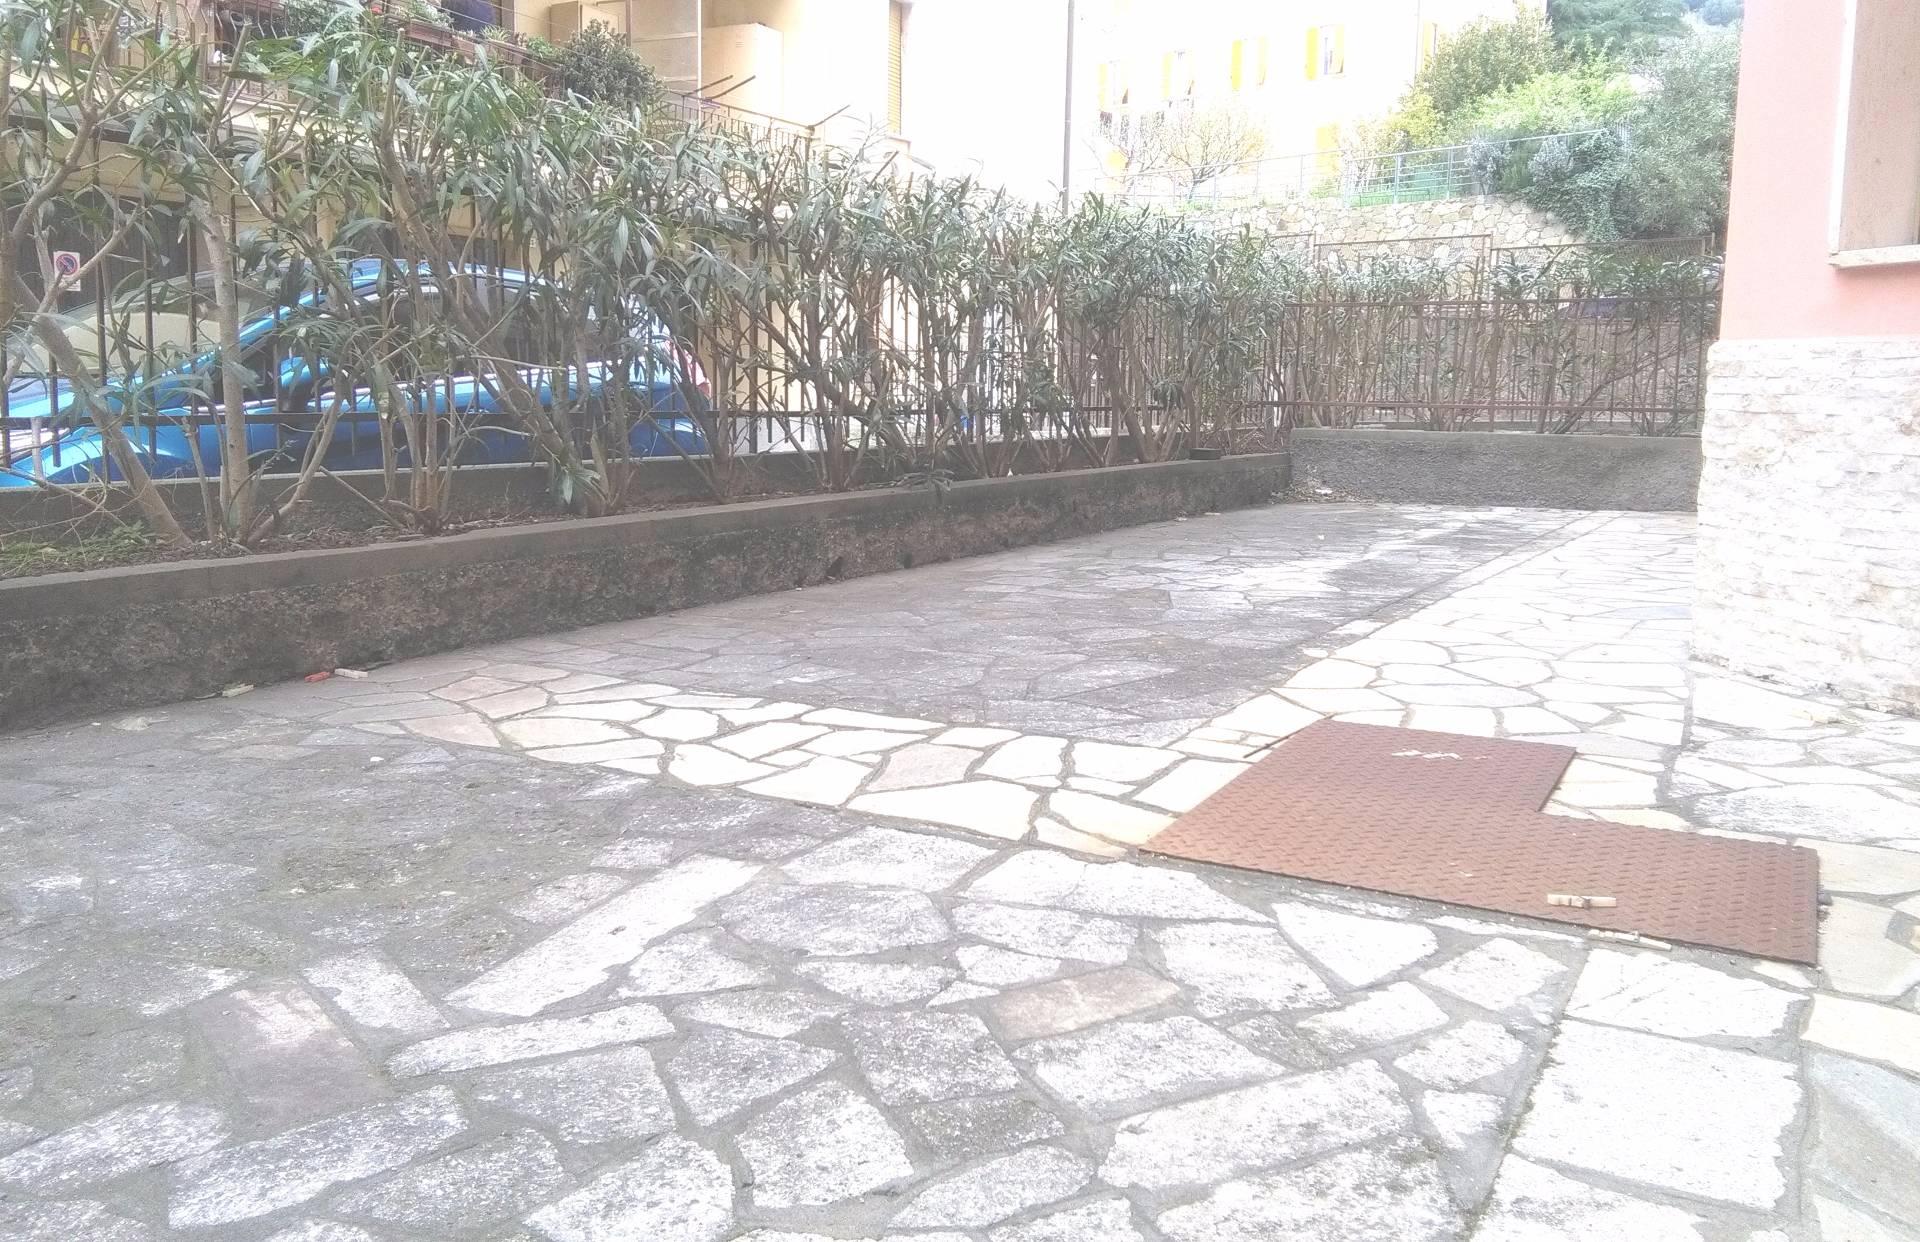 Appartamento in vendita a Arenzano, 3 locali, zona Località: Stazione, prezzo € 245.000 | CambioCasa.it